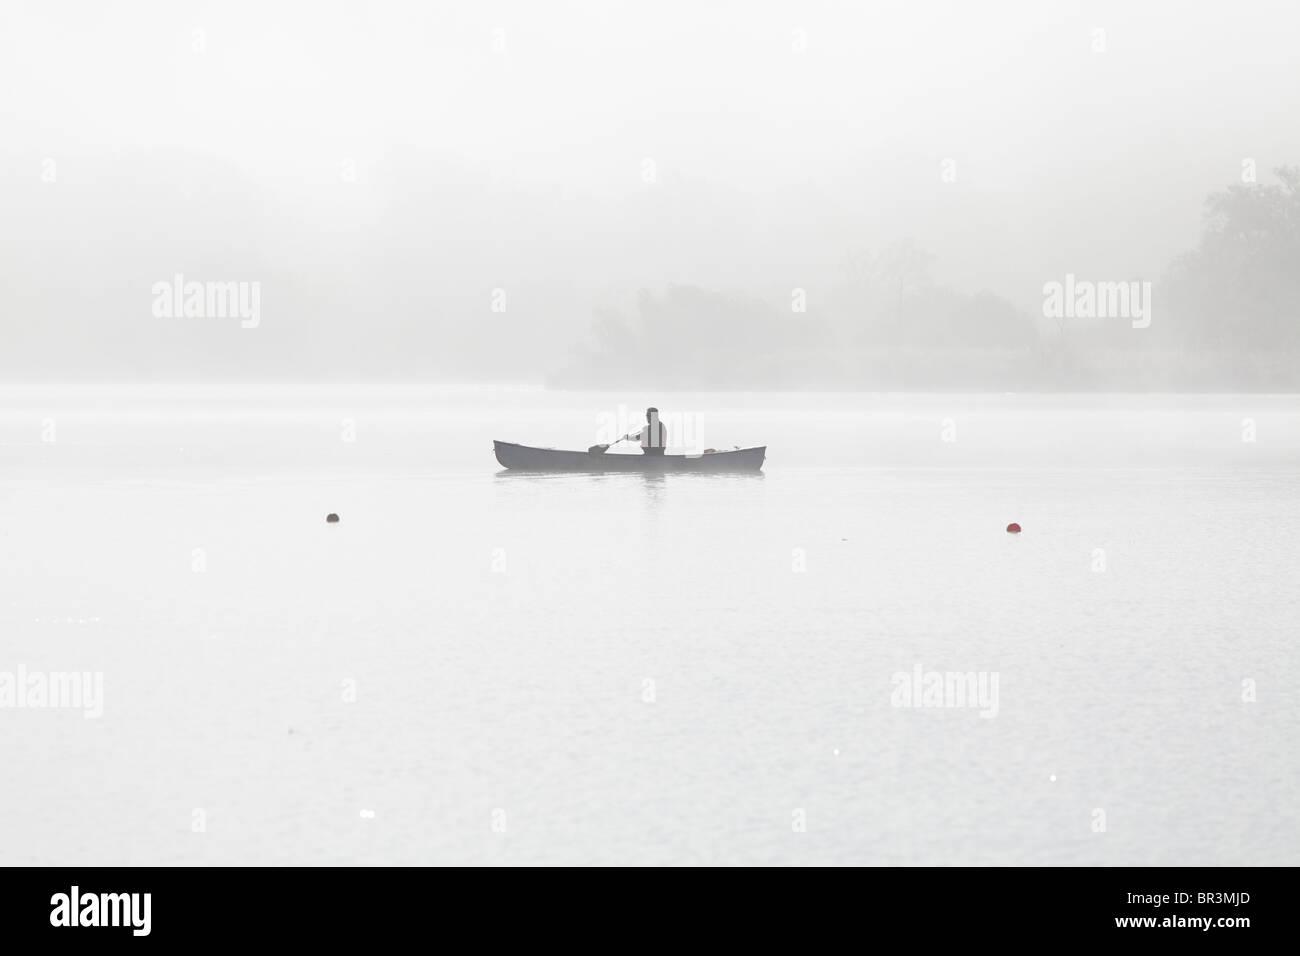 A canoe on a misty morning, Scotland, UK - Stock Image